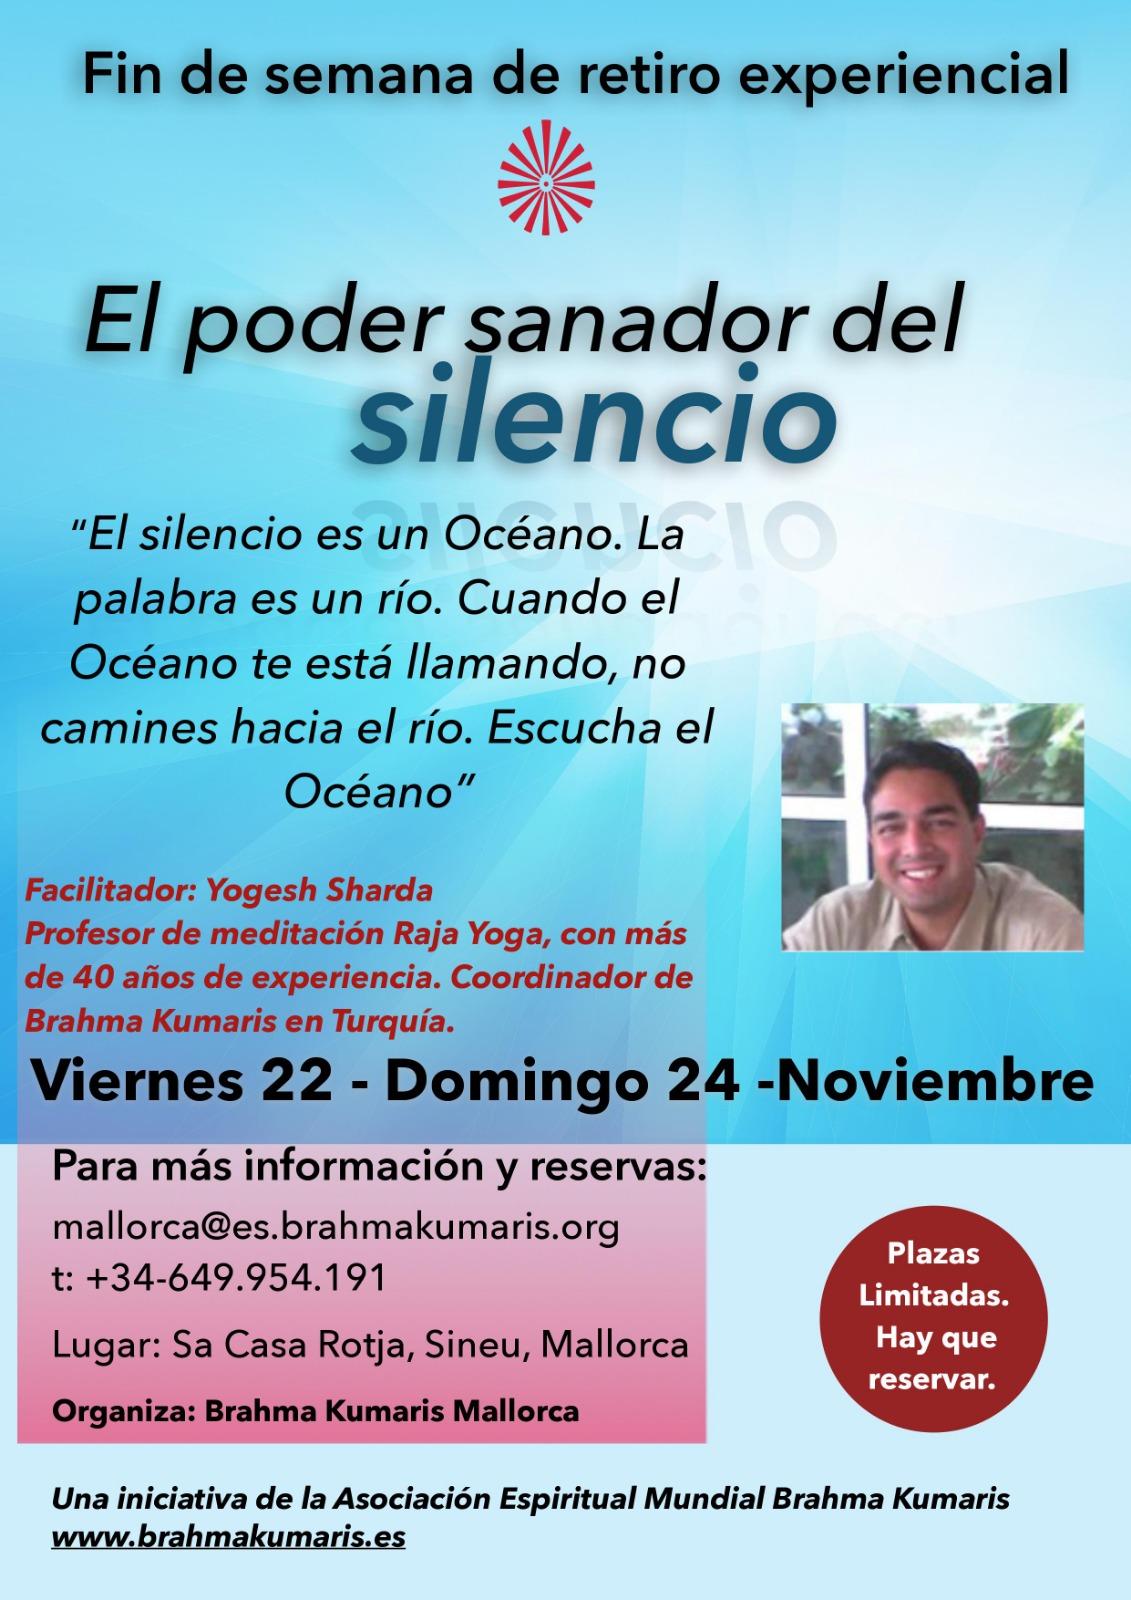 EL PODER SANADOR DEL SILENCIO